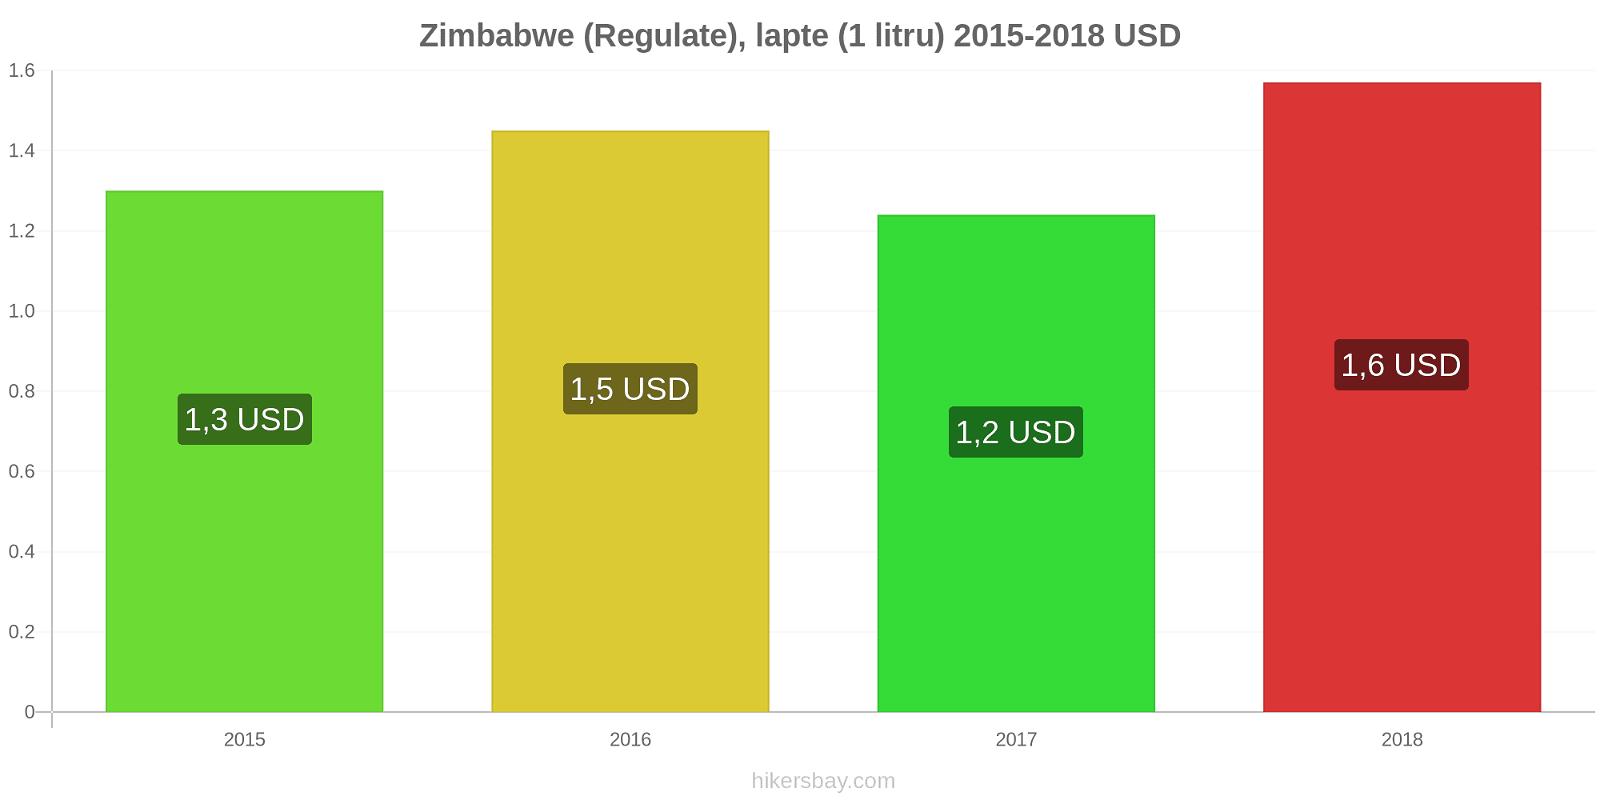 Zimbabwe modificări de preț (Regulate), lapte (1 litru) hikersbay.com